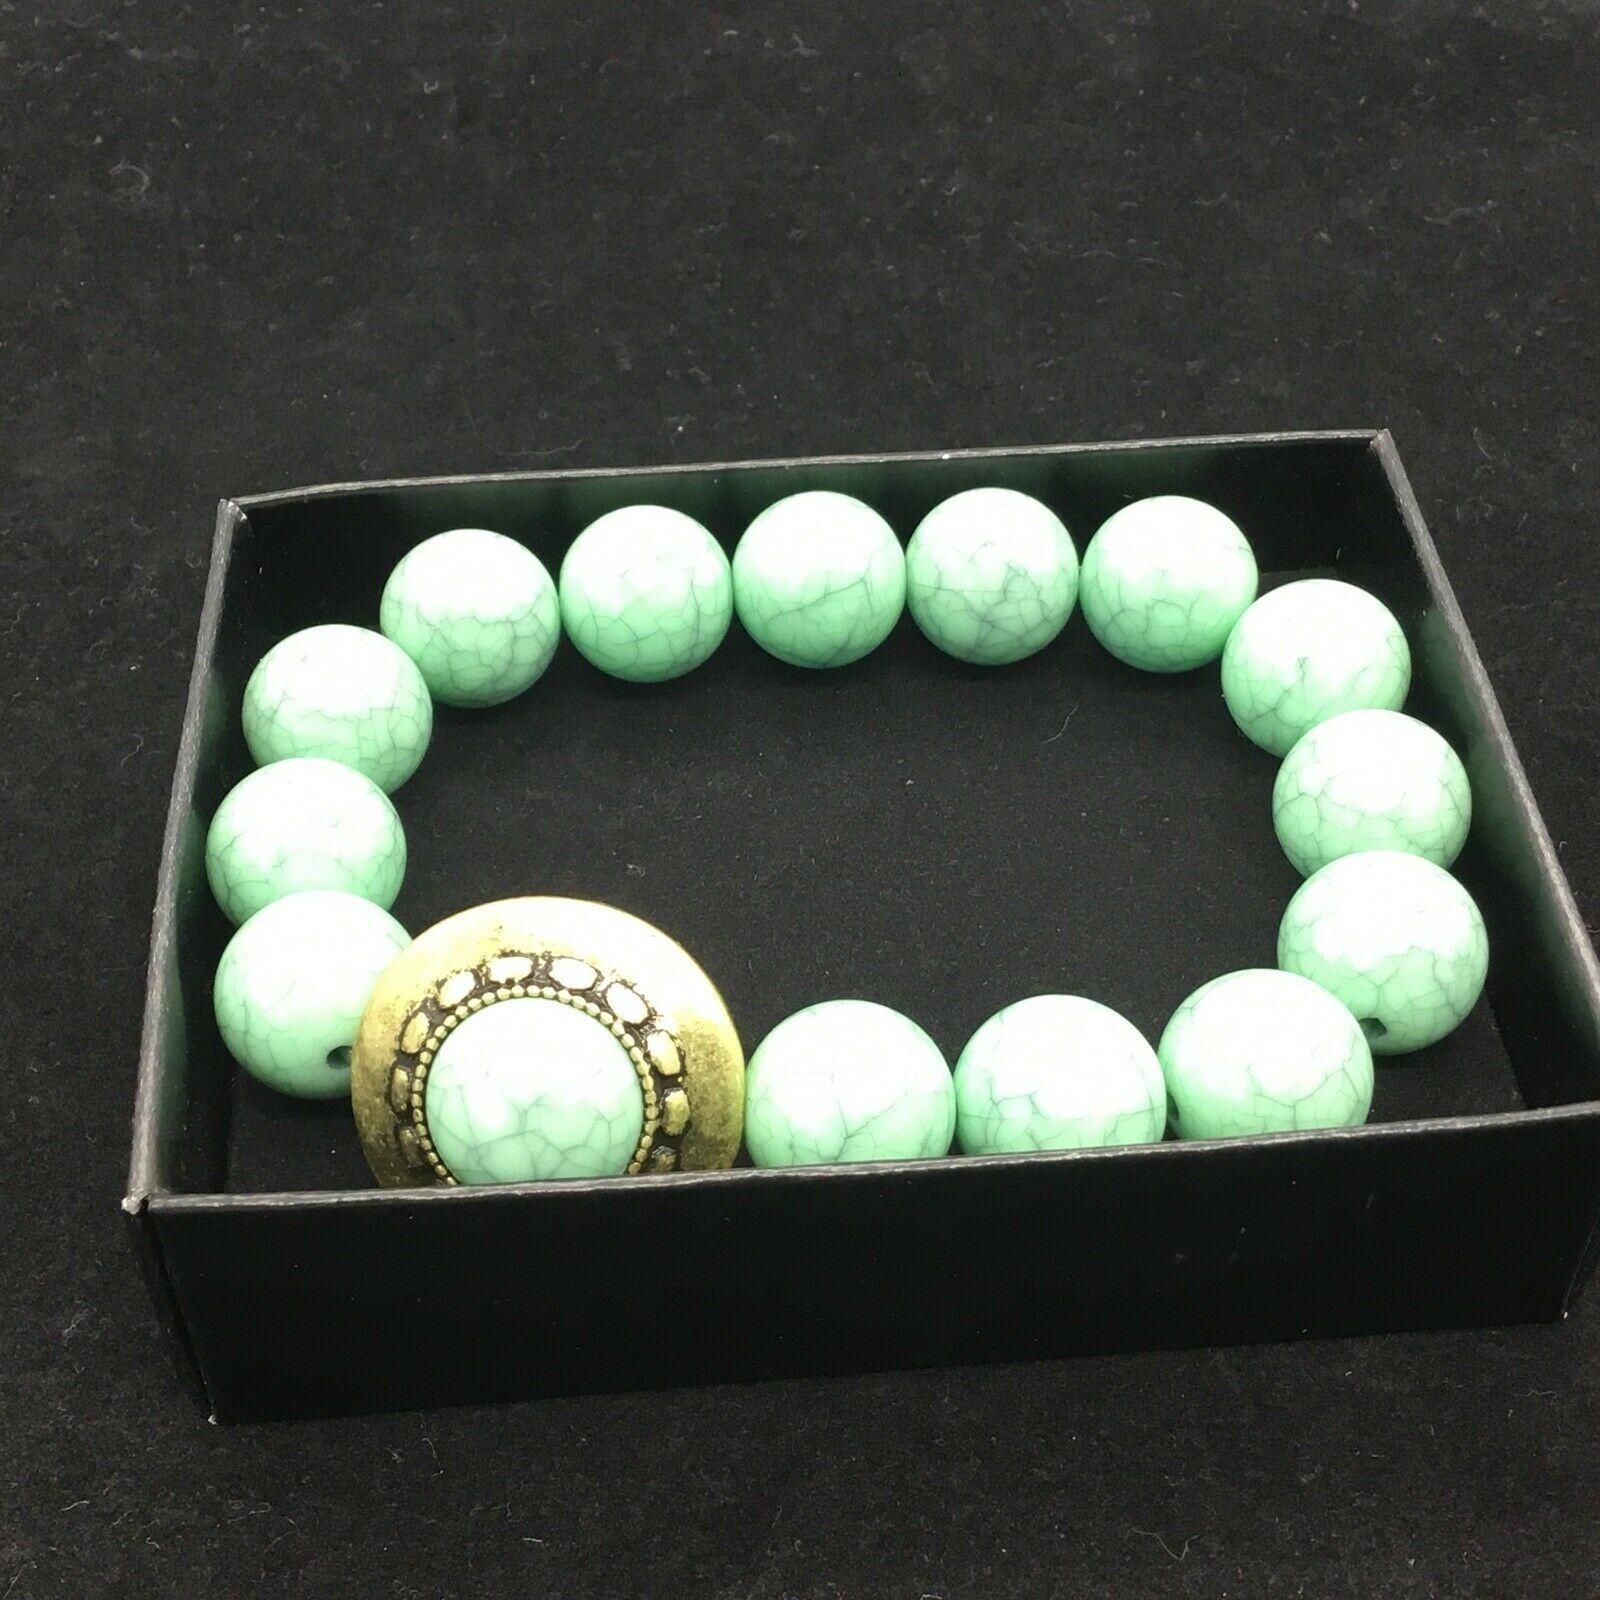 Womens Avon Tangier Market Stretch Bracelet F3930171 Green Fashion Jewelry NEW